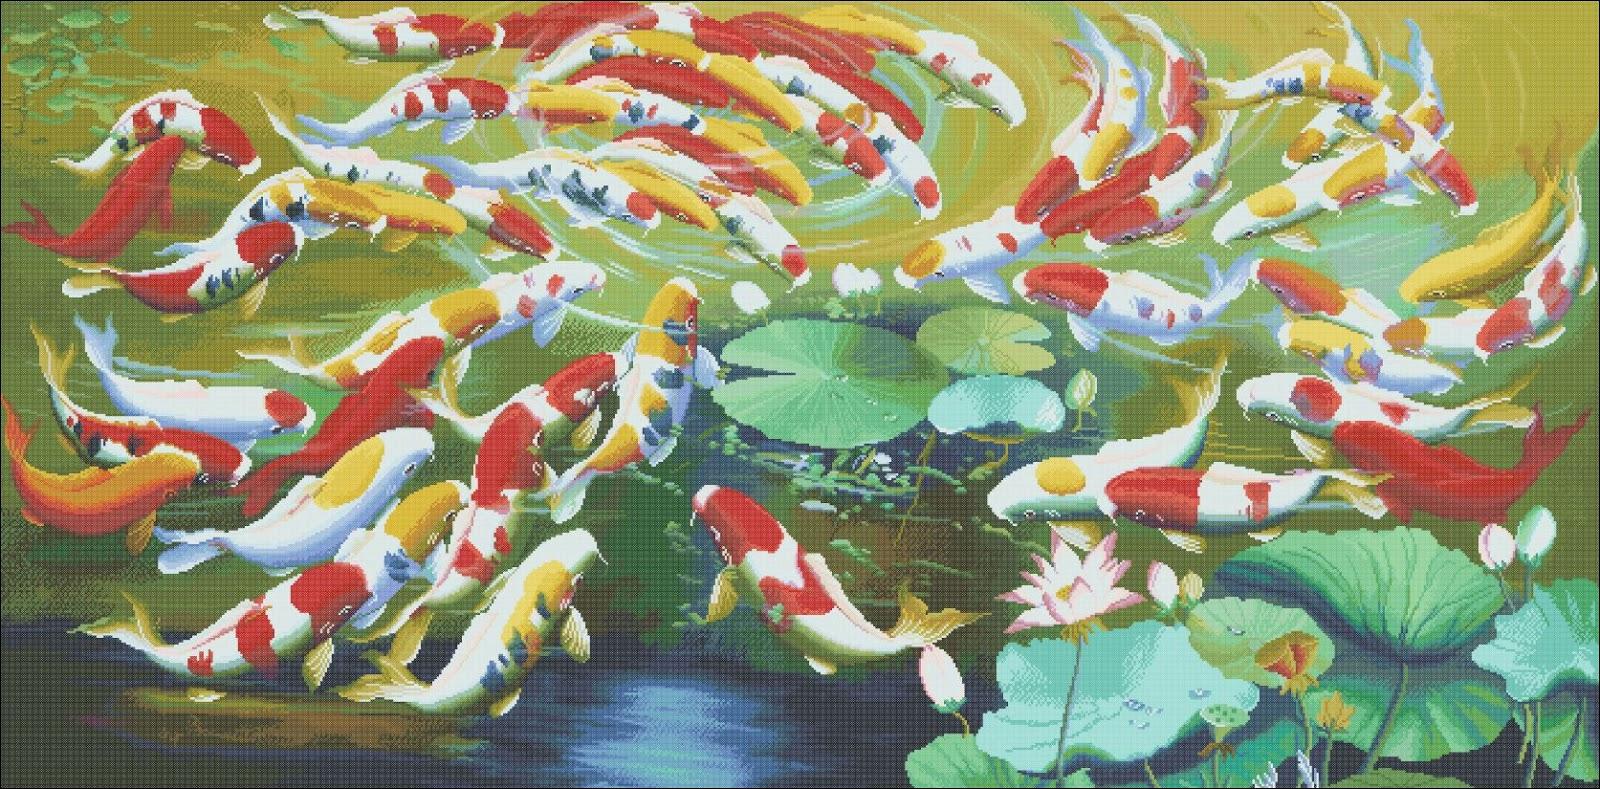 Koi fish - Counted cross stitch patterns and charts